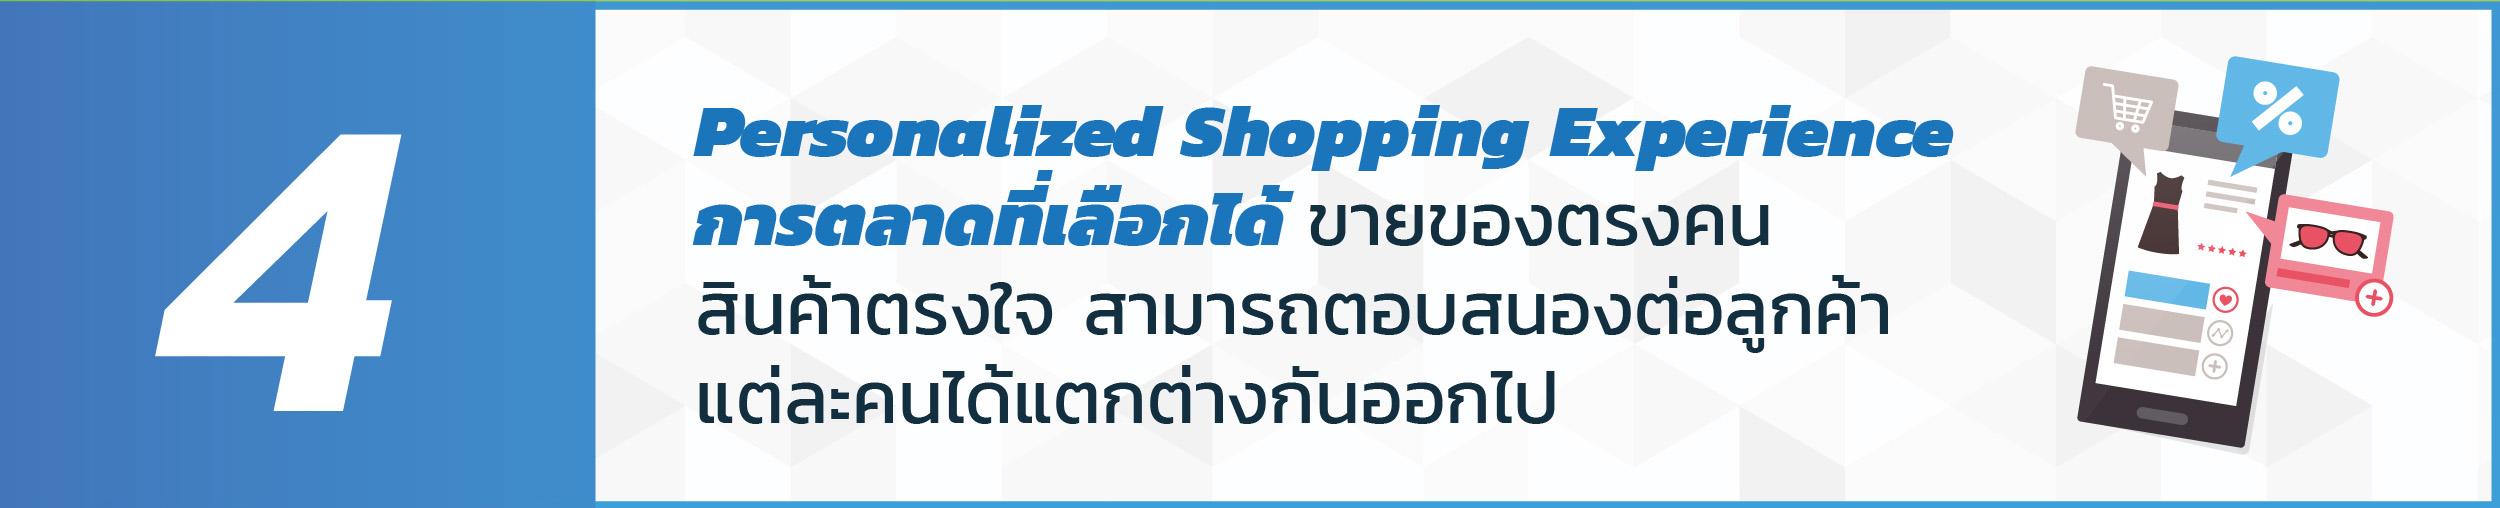 เปิดร้านออนไลน์_Persomalized_Experience